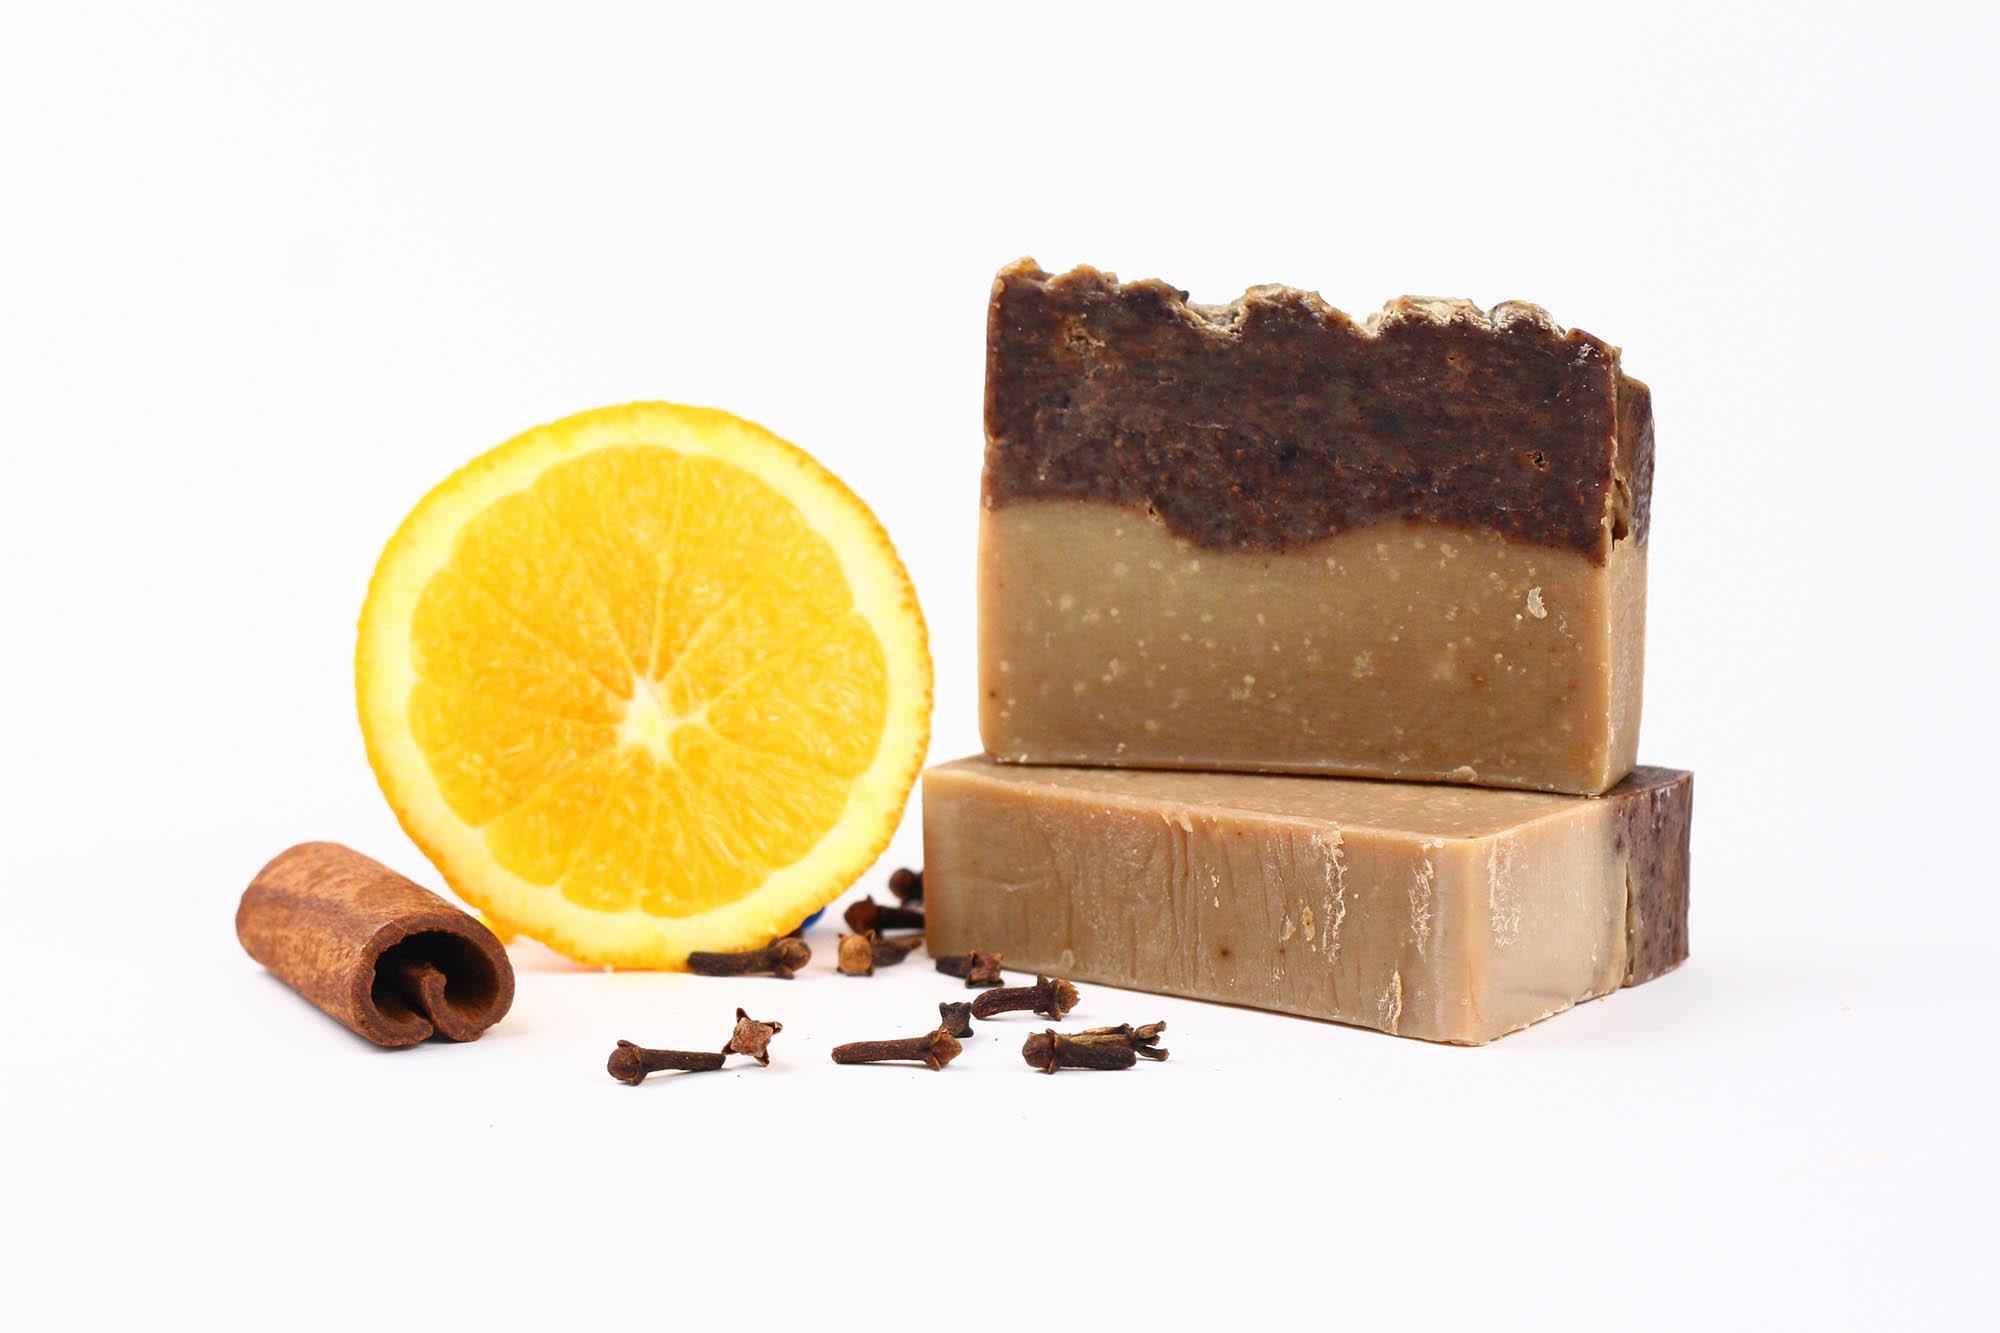 Magic Moments - Săpun special de iarnă cu aroma de vanilie | Endea - Tested on friends